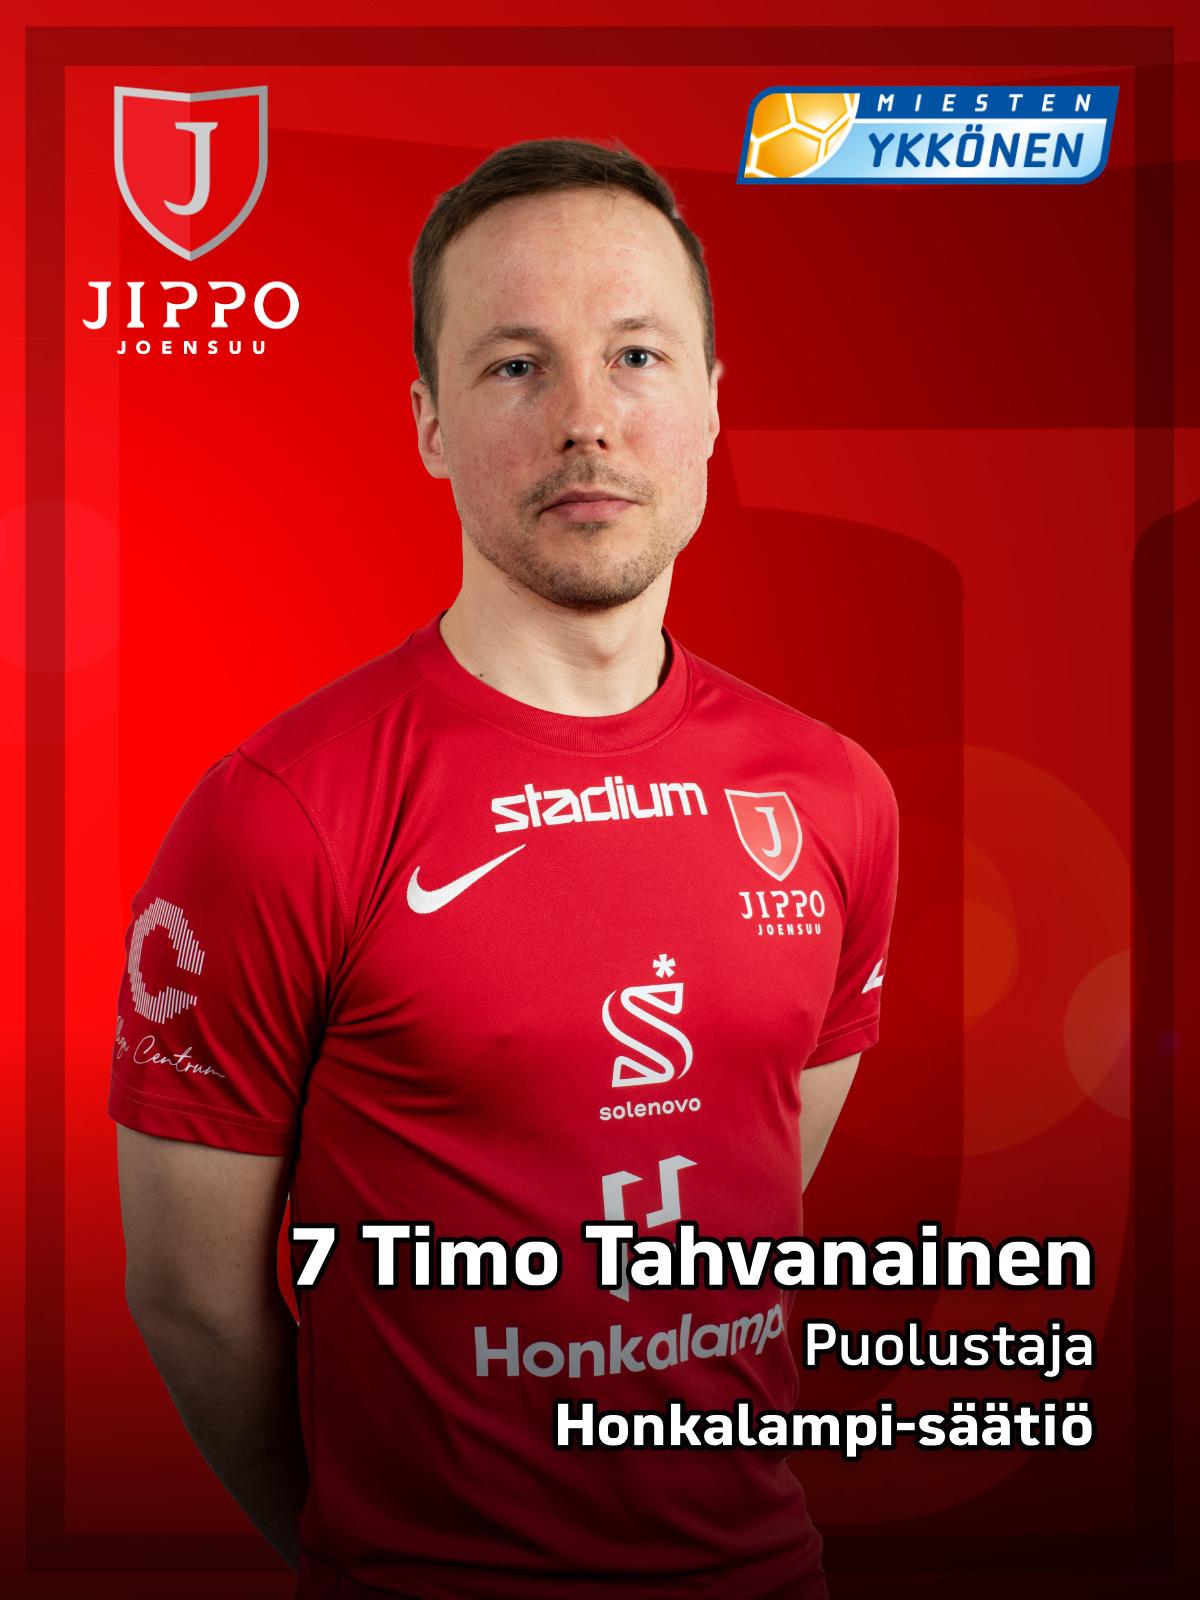 7 Timo Tahvanainen